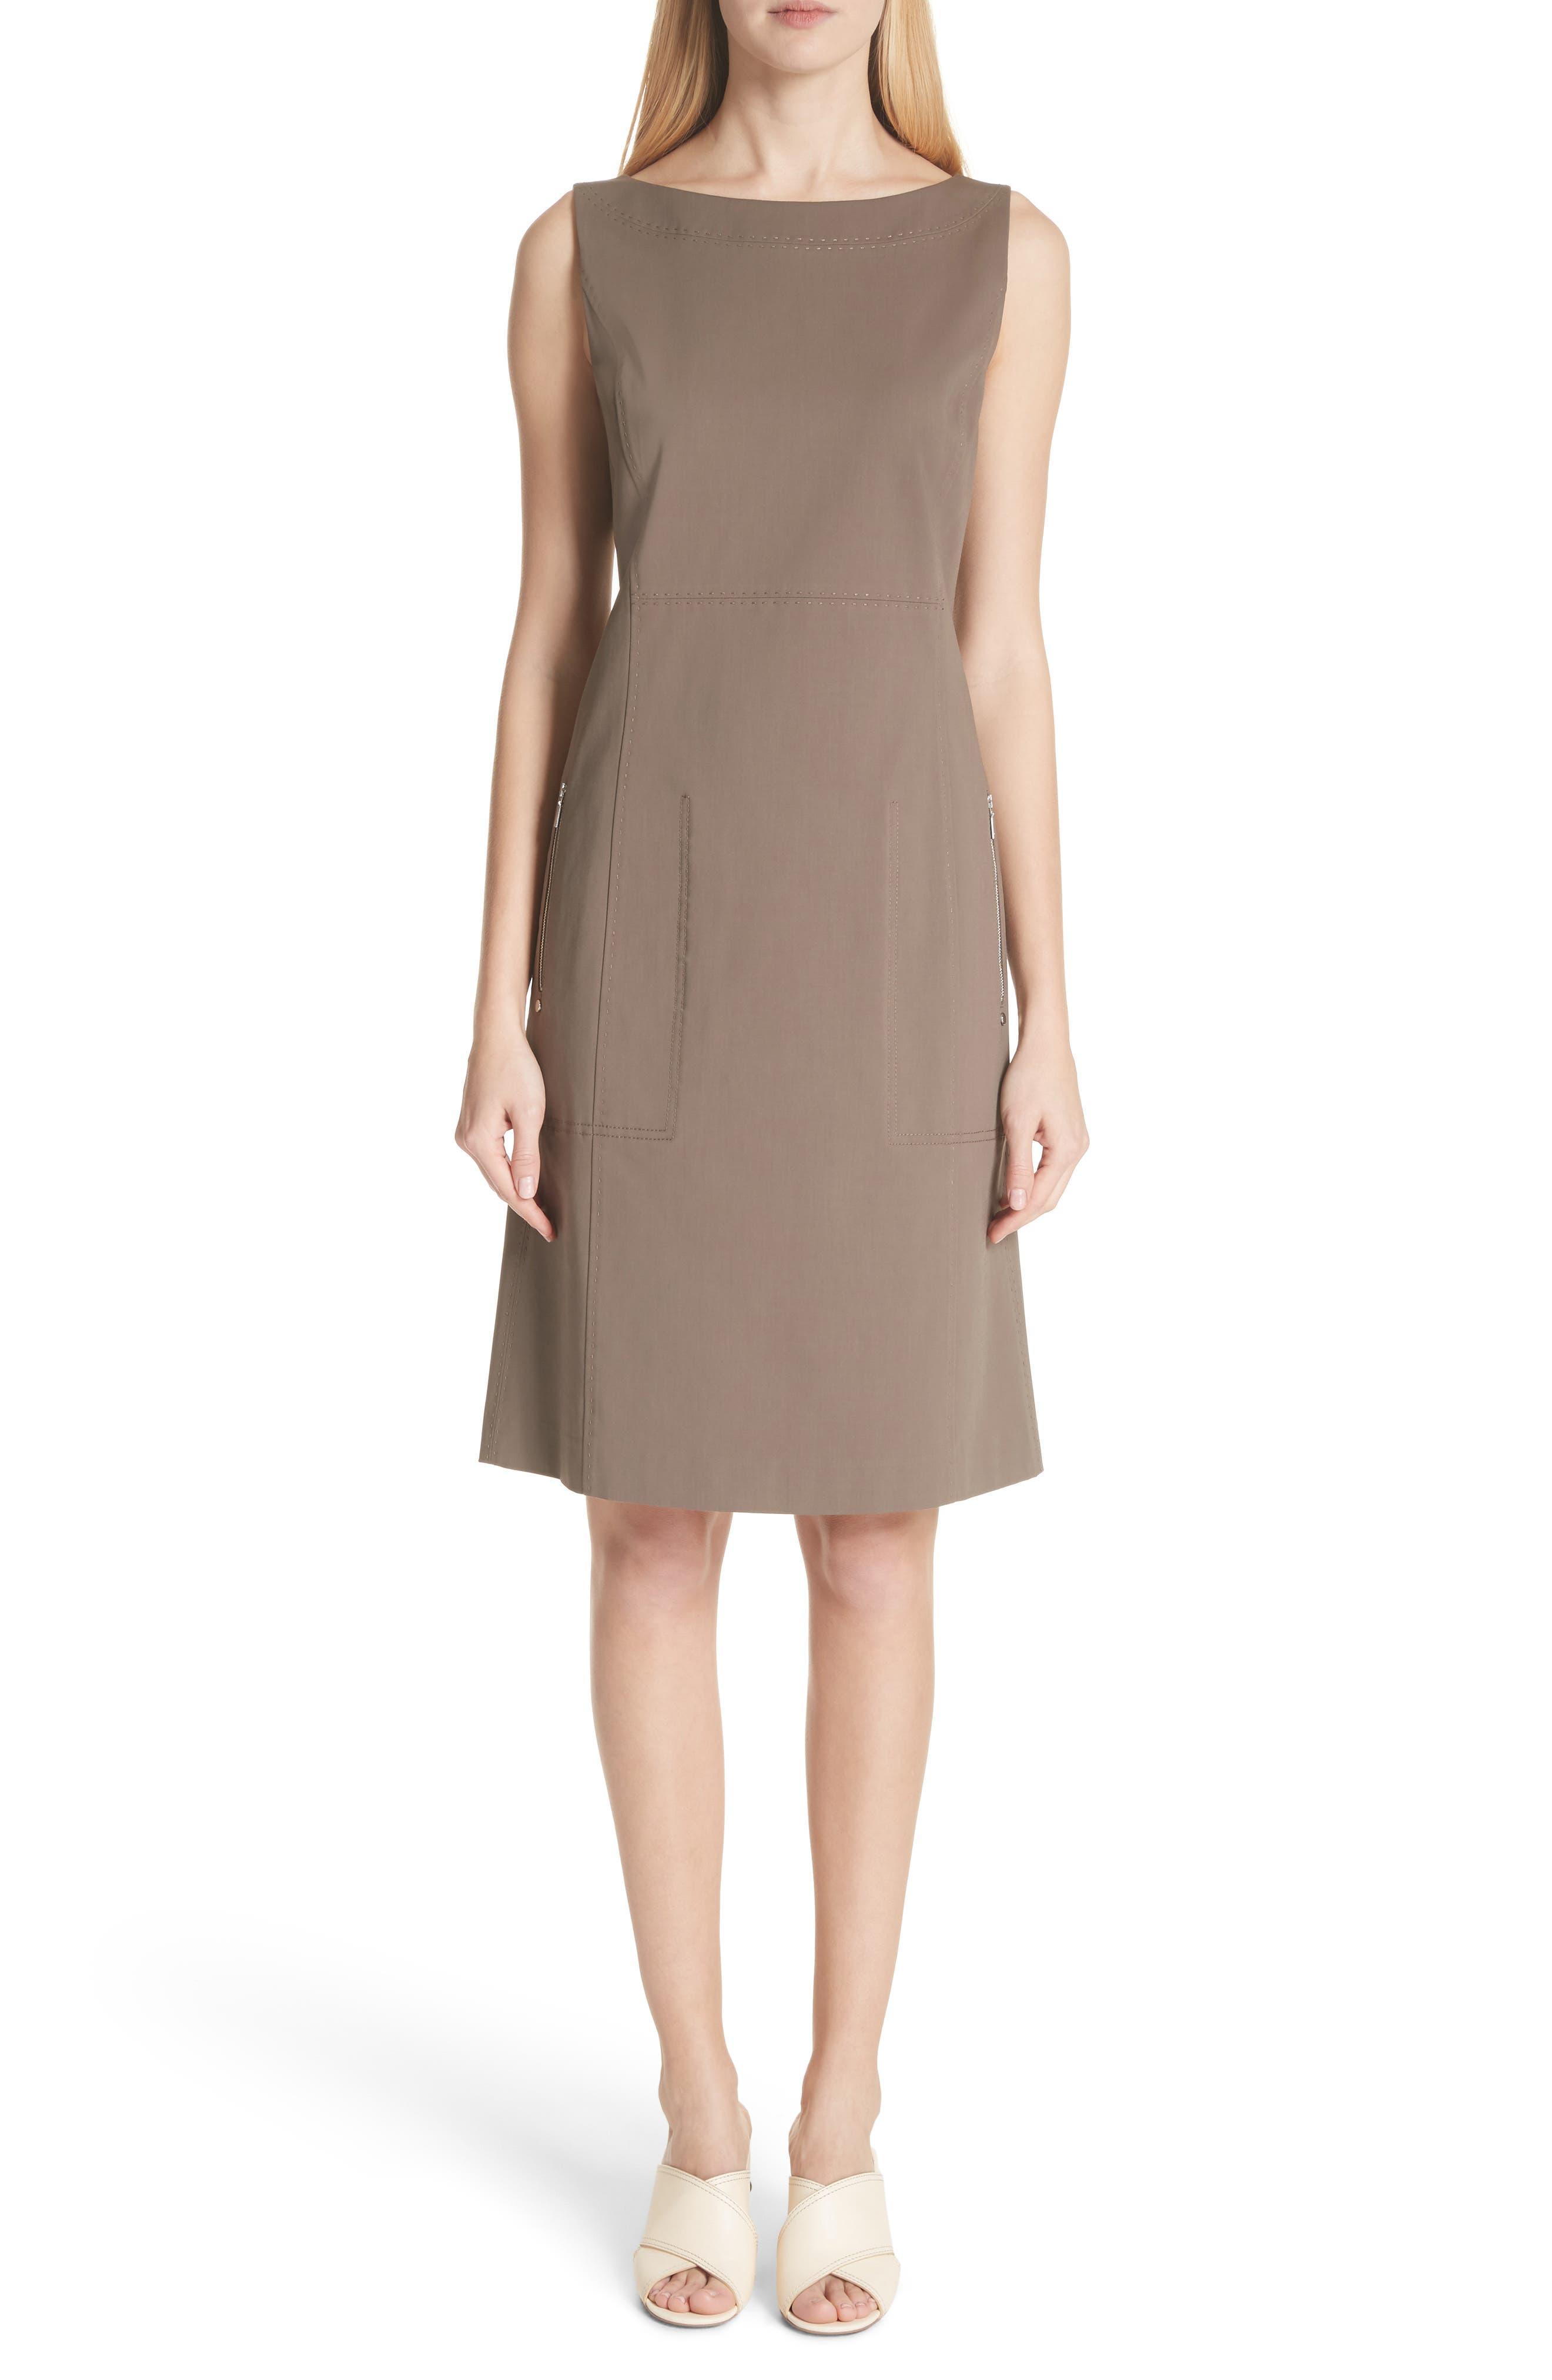 Paxton Sleeveless Sheath Dress,                             Main thumbnail 1, color,                             Nougat